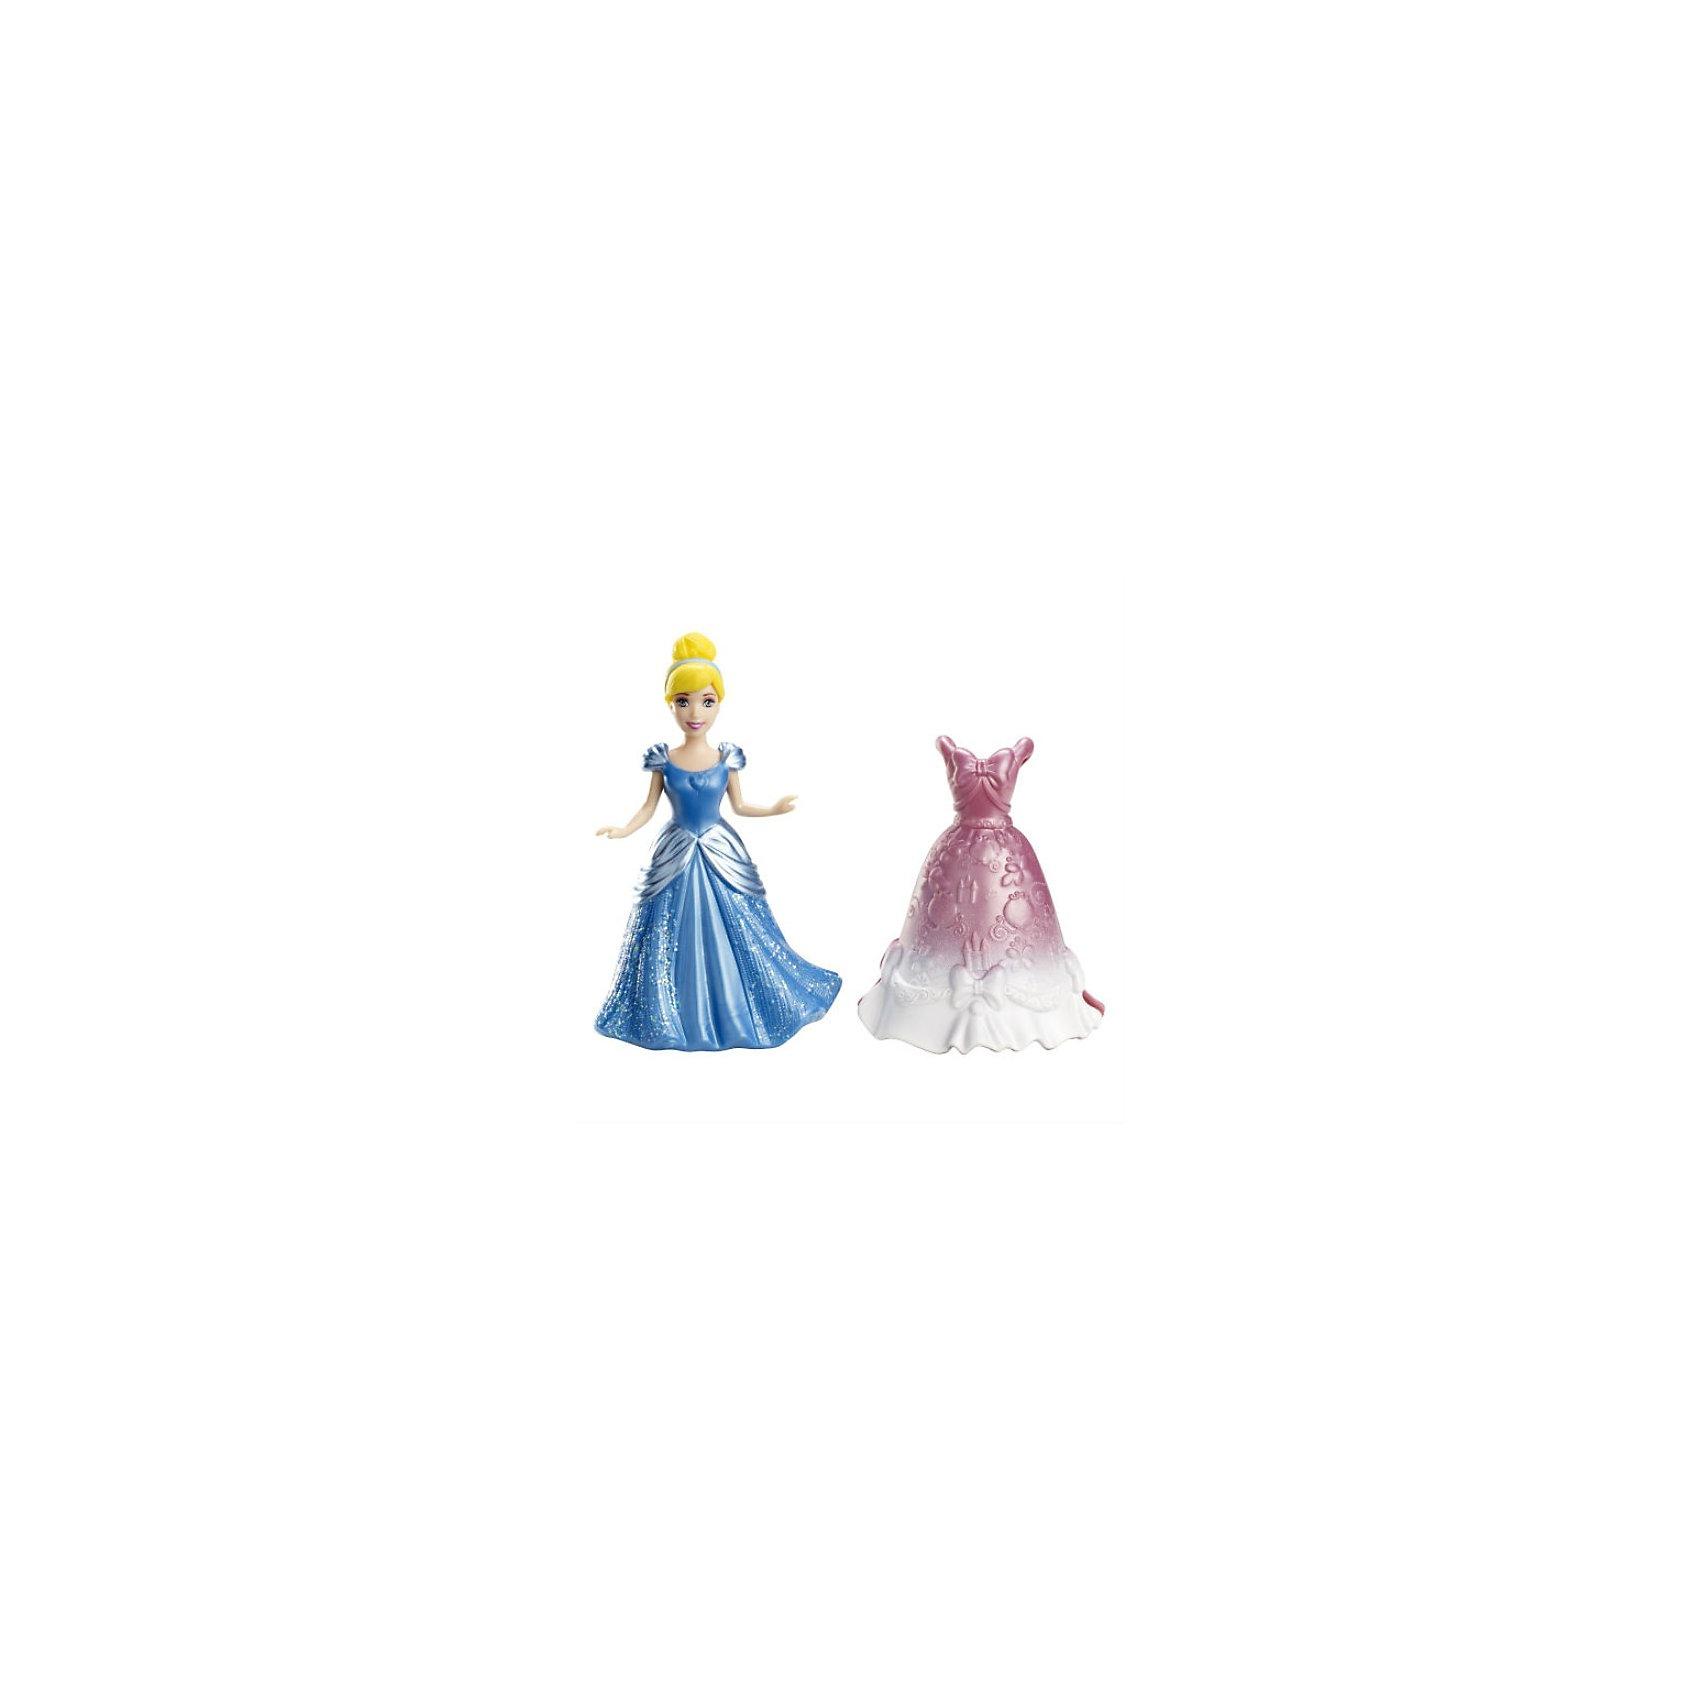 Набор с мини-куклой Disney Принцесса с платьем ЗолушкаЛюбимые героини- принцессы мультиков студии Disney теперь – в удобных нарядах! <br>У Золушки два красивых платья, которые очень легко снимать и одевать: голубое и мерцающее розовое. В таких нарядах Золушка, без сомнения, очарует всех гостей бала и покорит сердце прекрасного принца!<br><br>Костюмы принцессы выполнены по технологии MagiClip (мягкий пластик), которая не имеет аналогов в мире. Сменить наряд легко и просто. Достаточно всего лишь раздвинуть края платья, надеть его на куклу и защелкнуть одним движением.<br>Собирайте всех принцесс вместе и устраивайте балл!<br><br><br>Дополнительная информация:<br><br>Размер упаковки: 11,5 x 5 x 14,5 см<br><br>Ширина мм: 145<br>Глубина мм: 113<br>Высота мм: 51<br>Вес г: 48<br>Возраст от месяцев: 36<br>Возраст до месяцев: 72<br>Пол: Женский<br>Возраст: Детский<br>SKU: 3219478